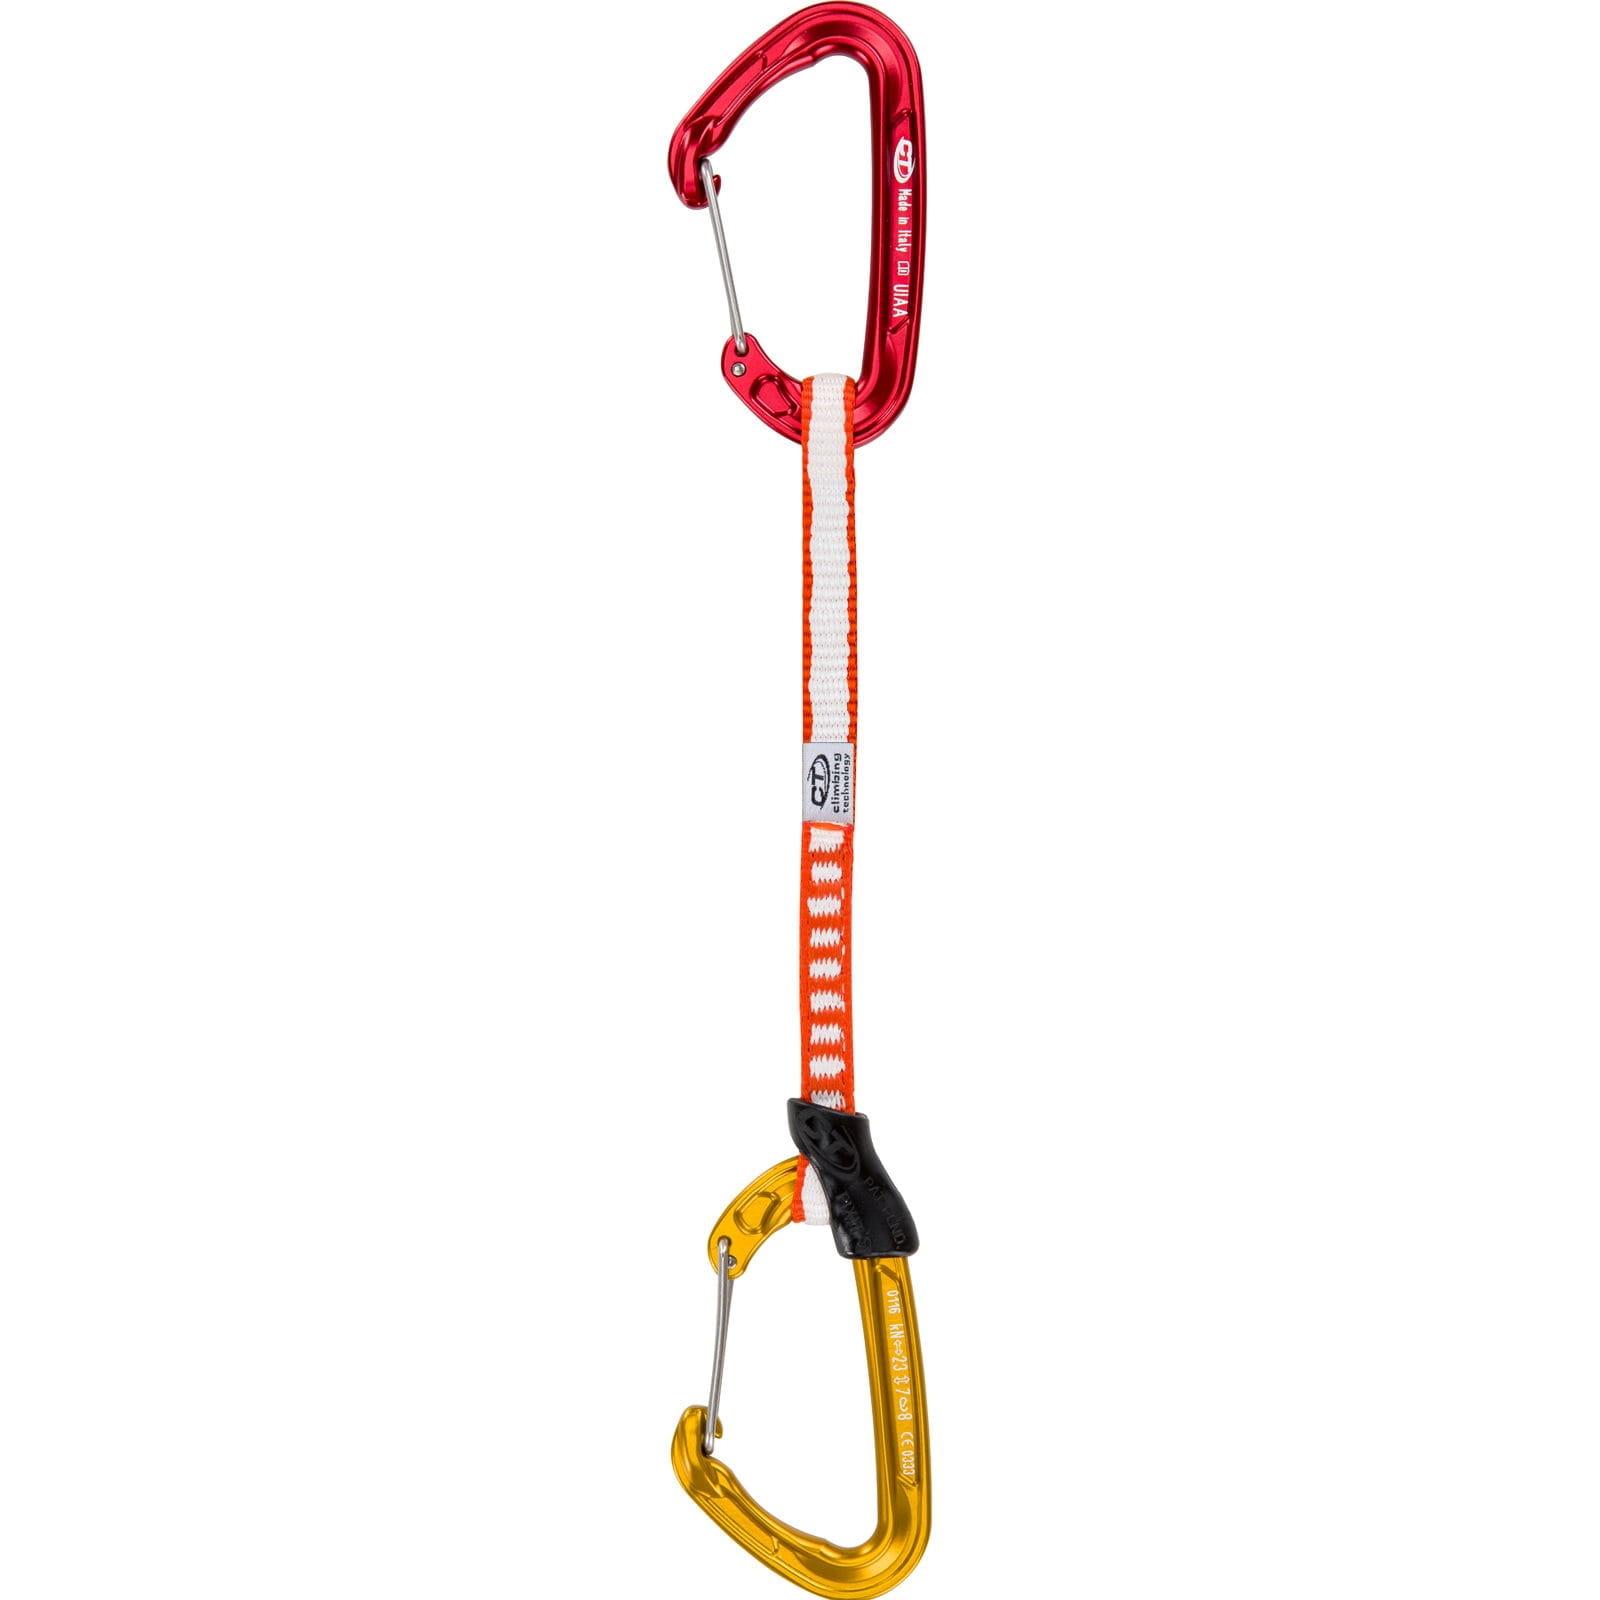 Climbing Technology Fly-Weight Evo Set DY 17 cm - Express-Set - Bild 1